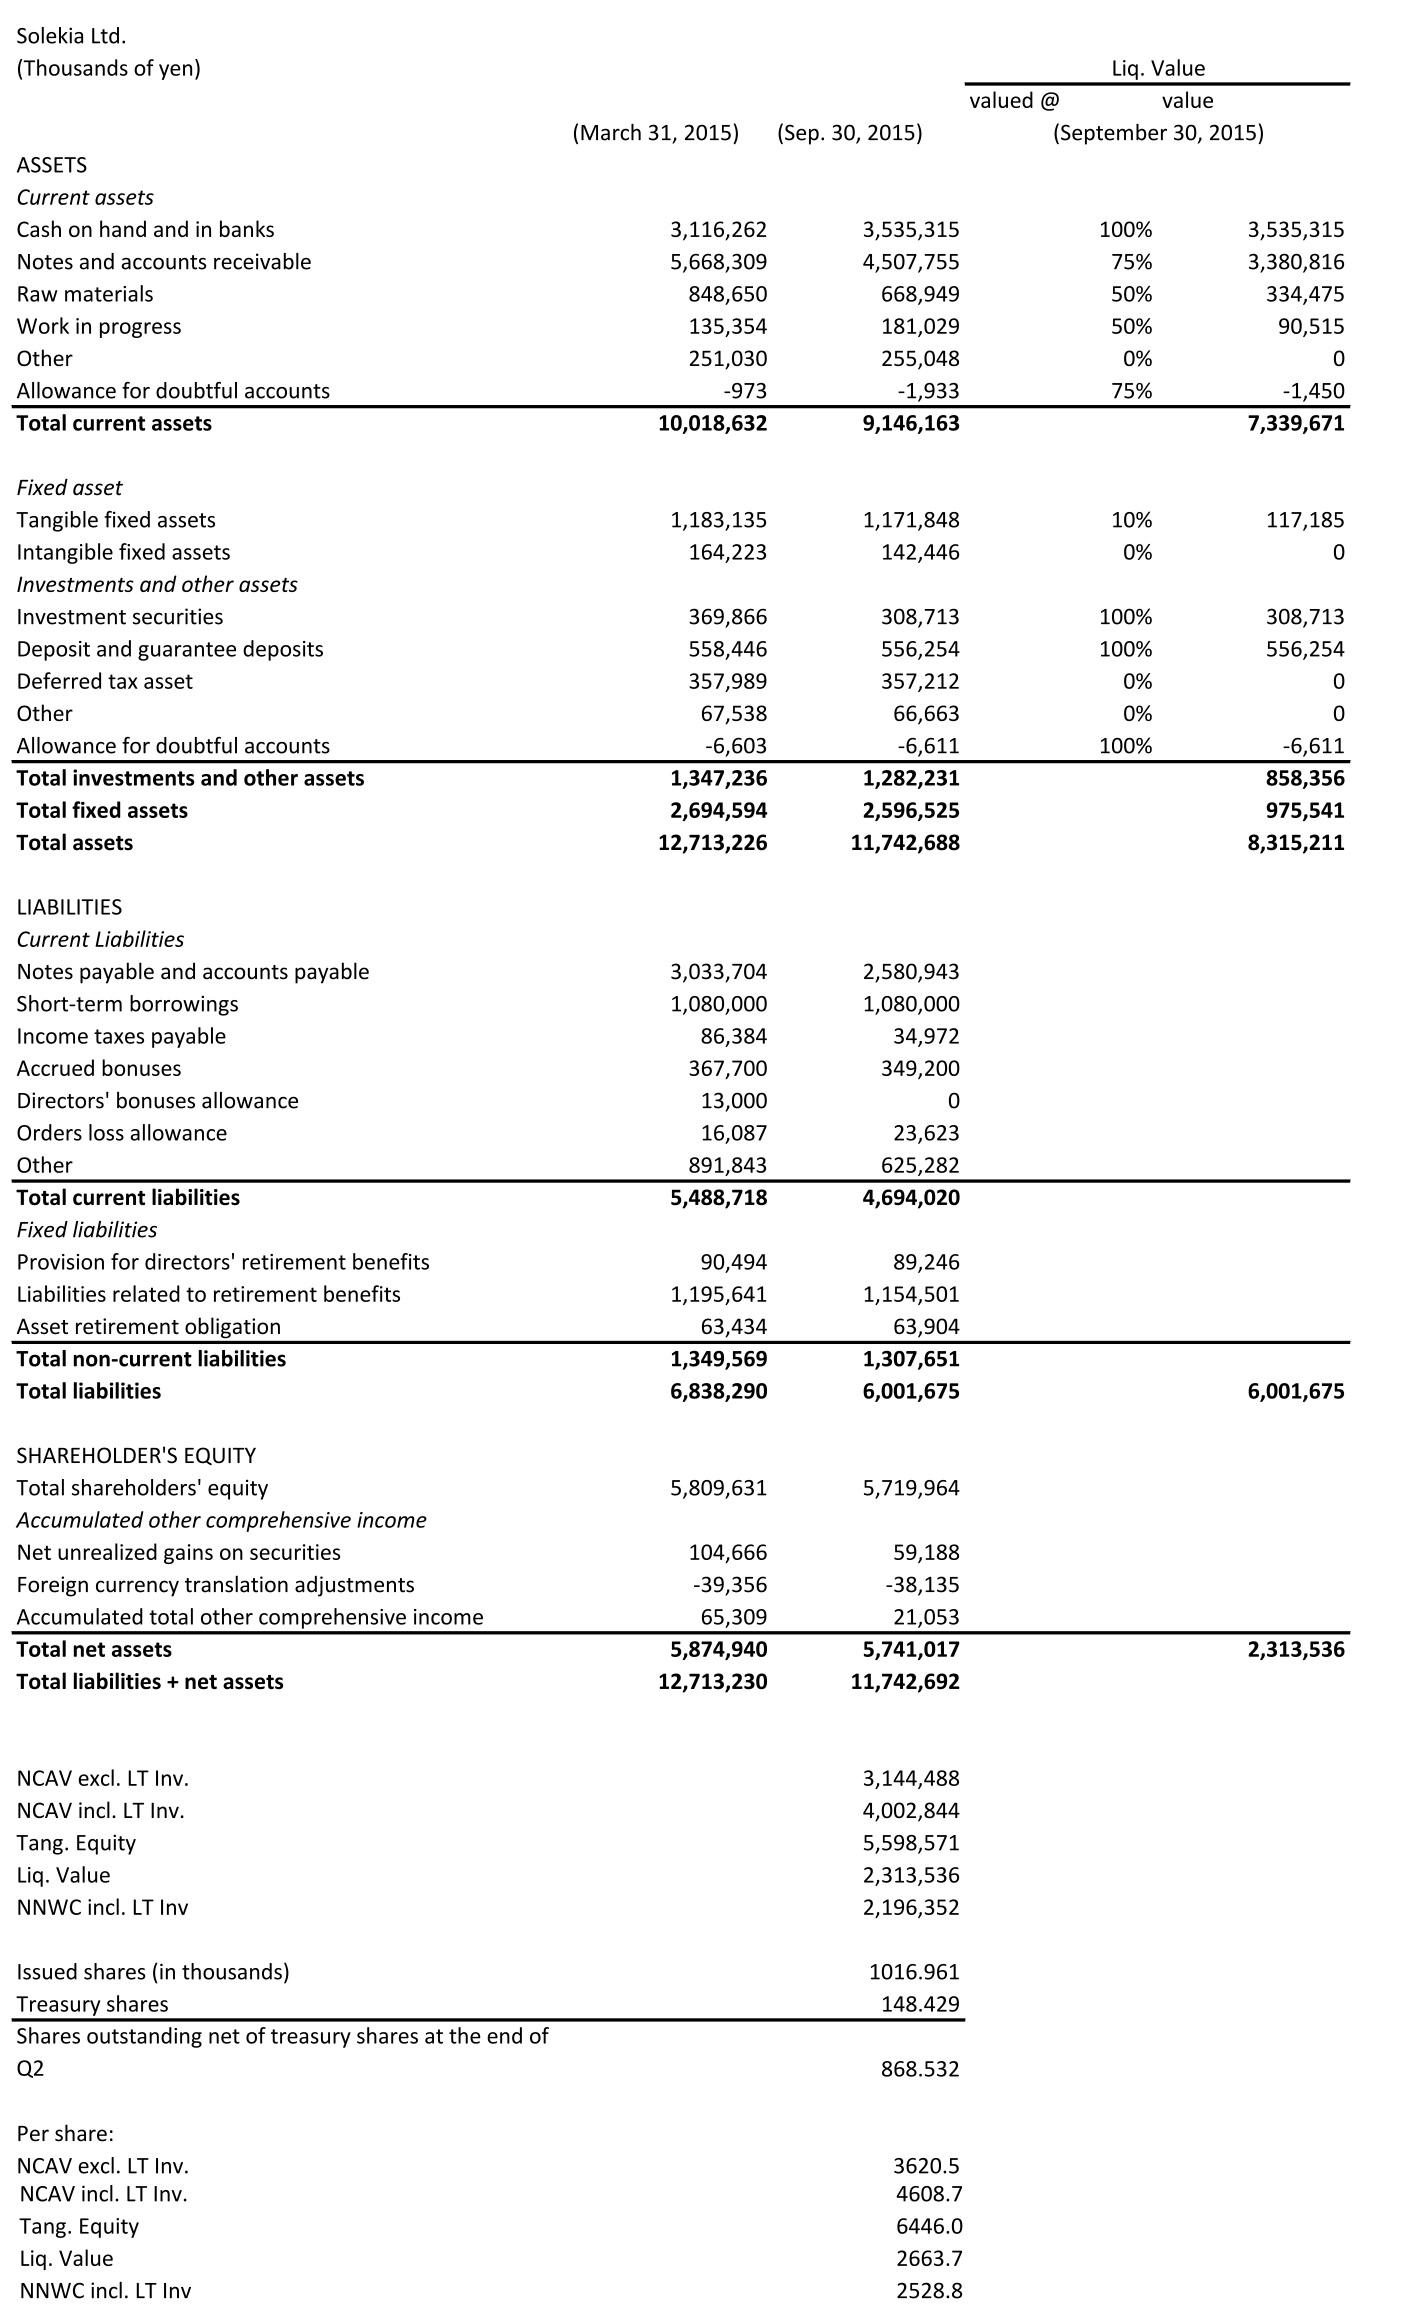 transl. balance sheet + ncav solekia